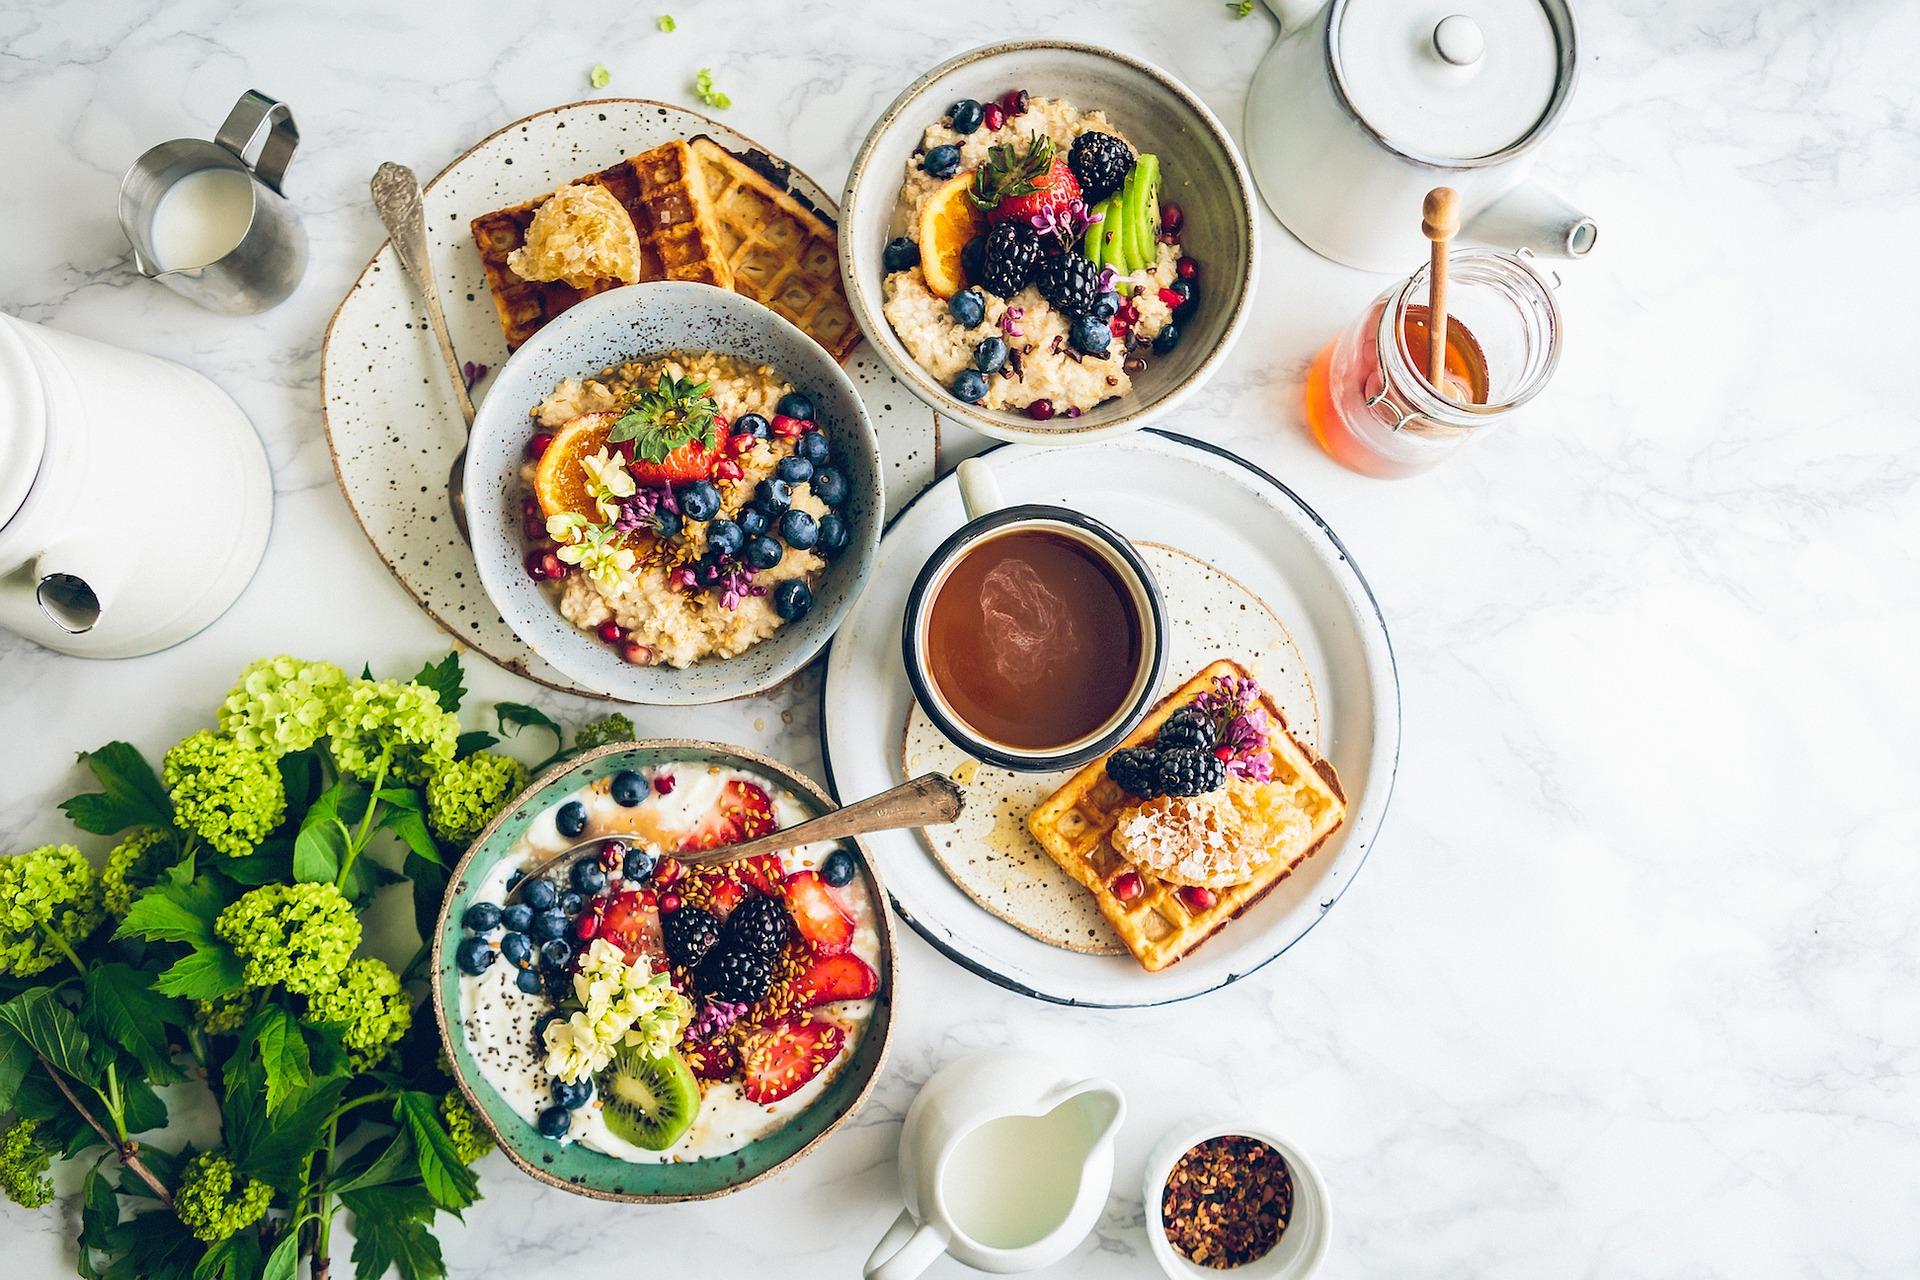 Quels aliments privilégier pour un petit-déjeuner équilibré ? - Le Soir